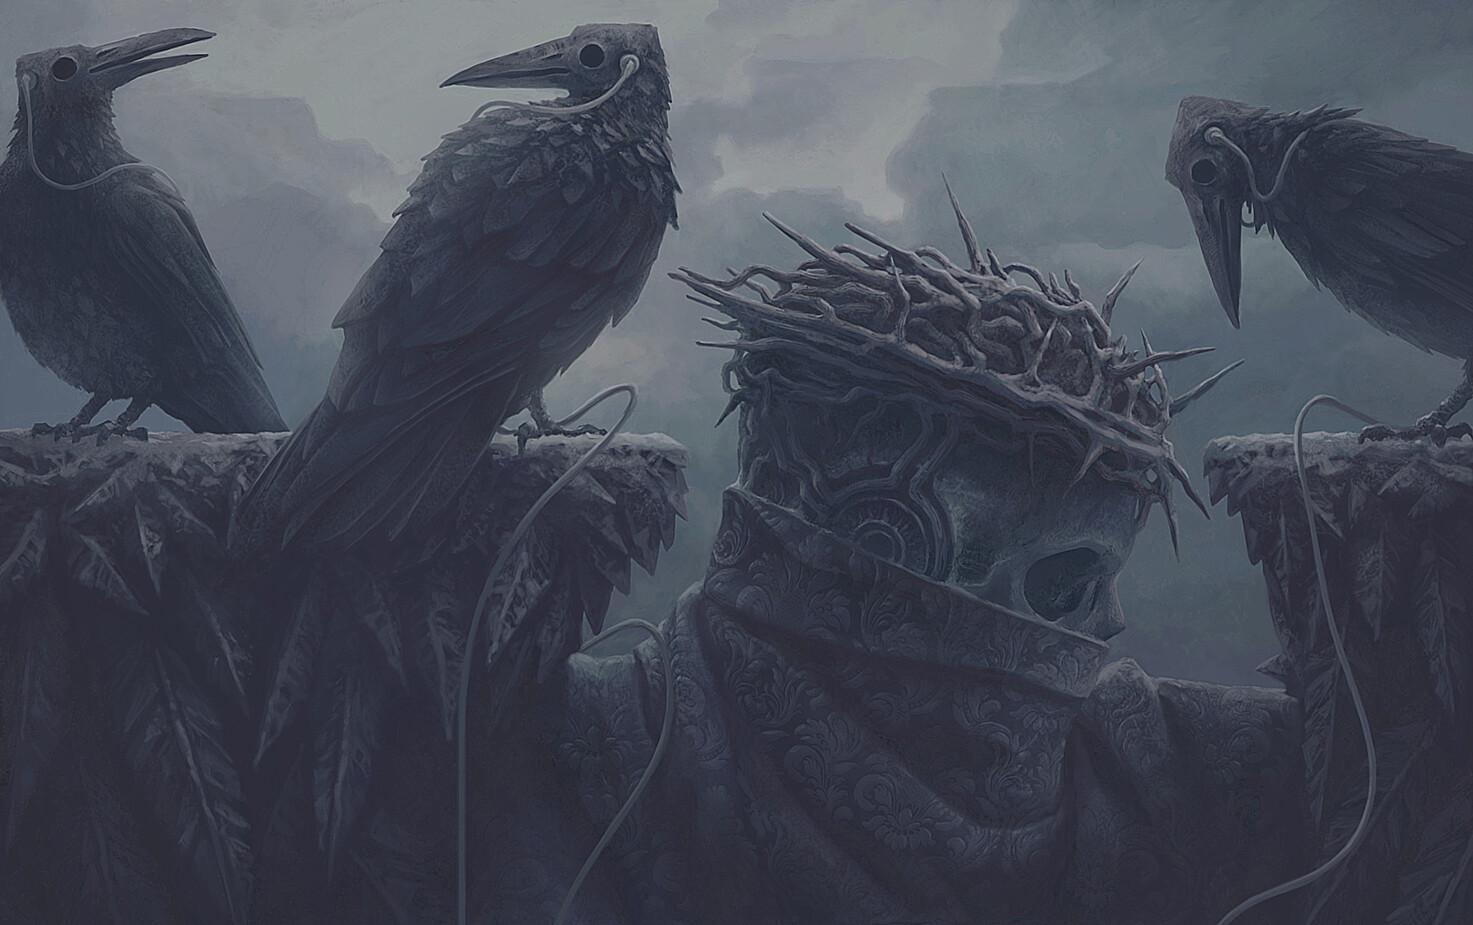 Digital Art Fantasy Art Alexey Egorov Crown Of Thorns Crow Music 1473x925